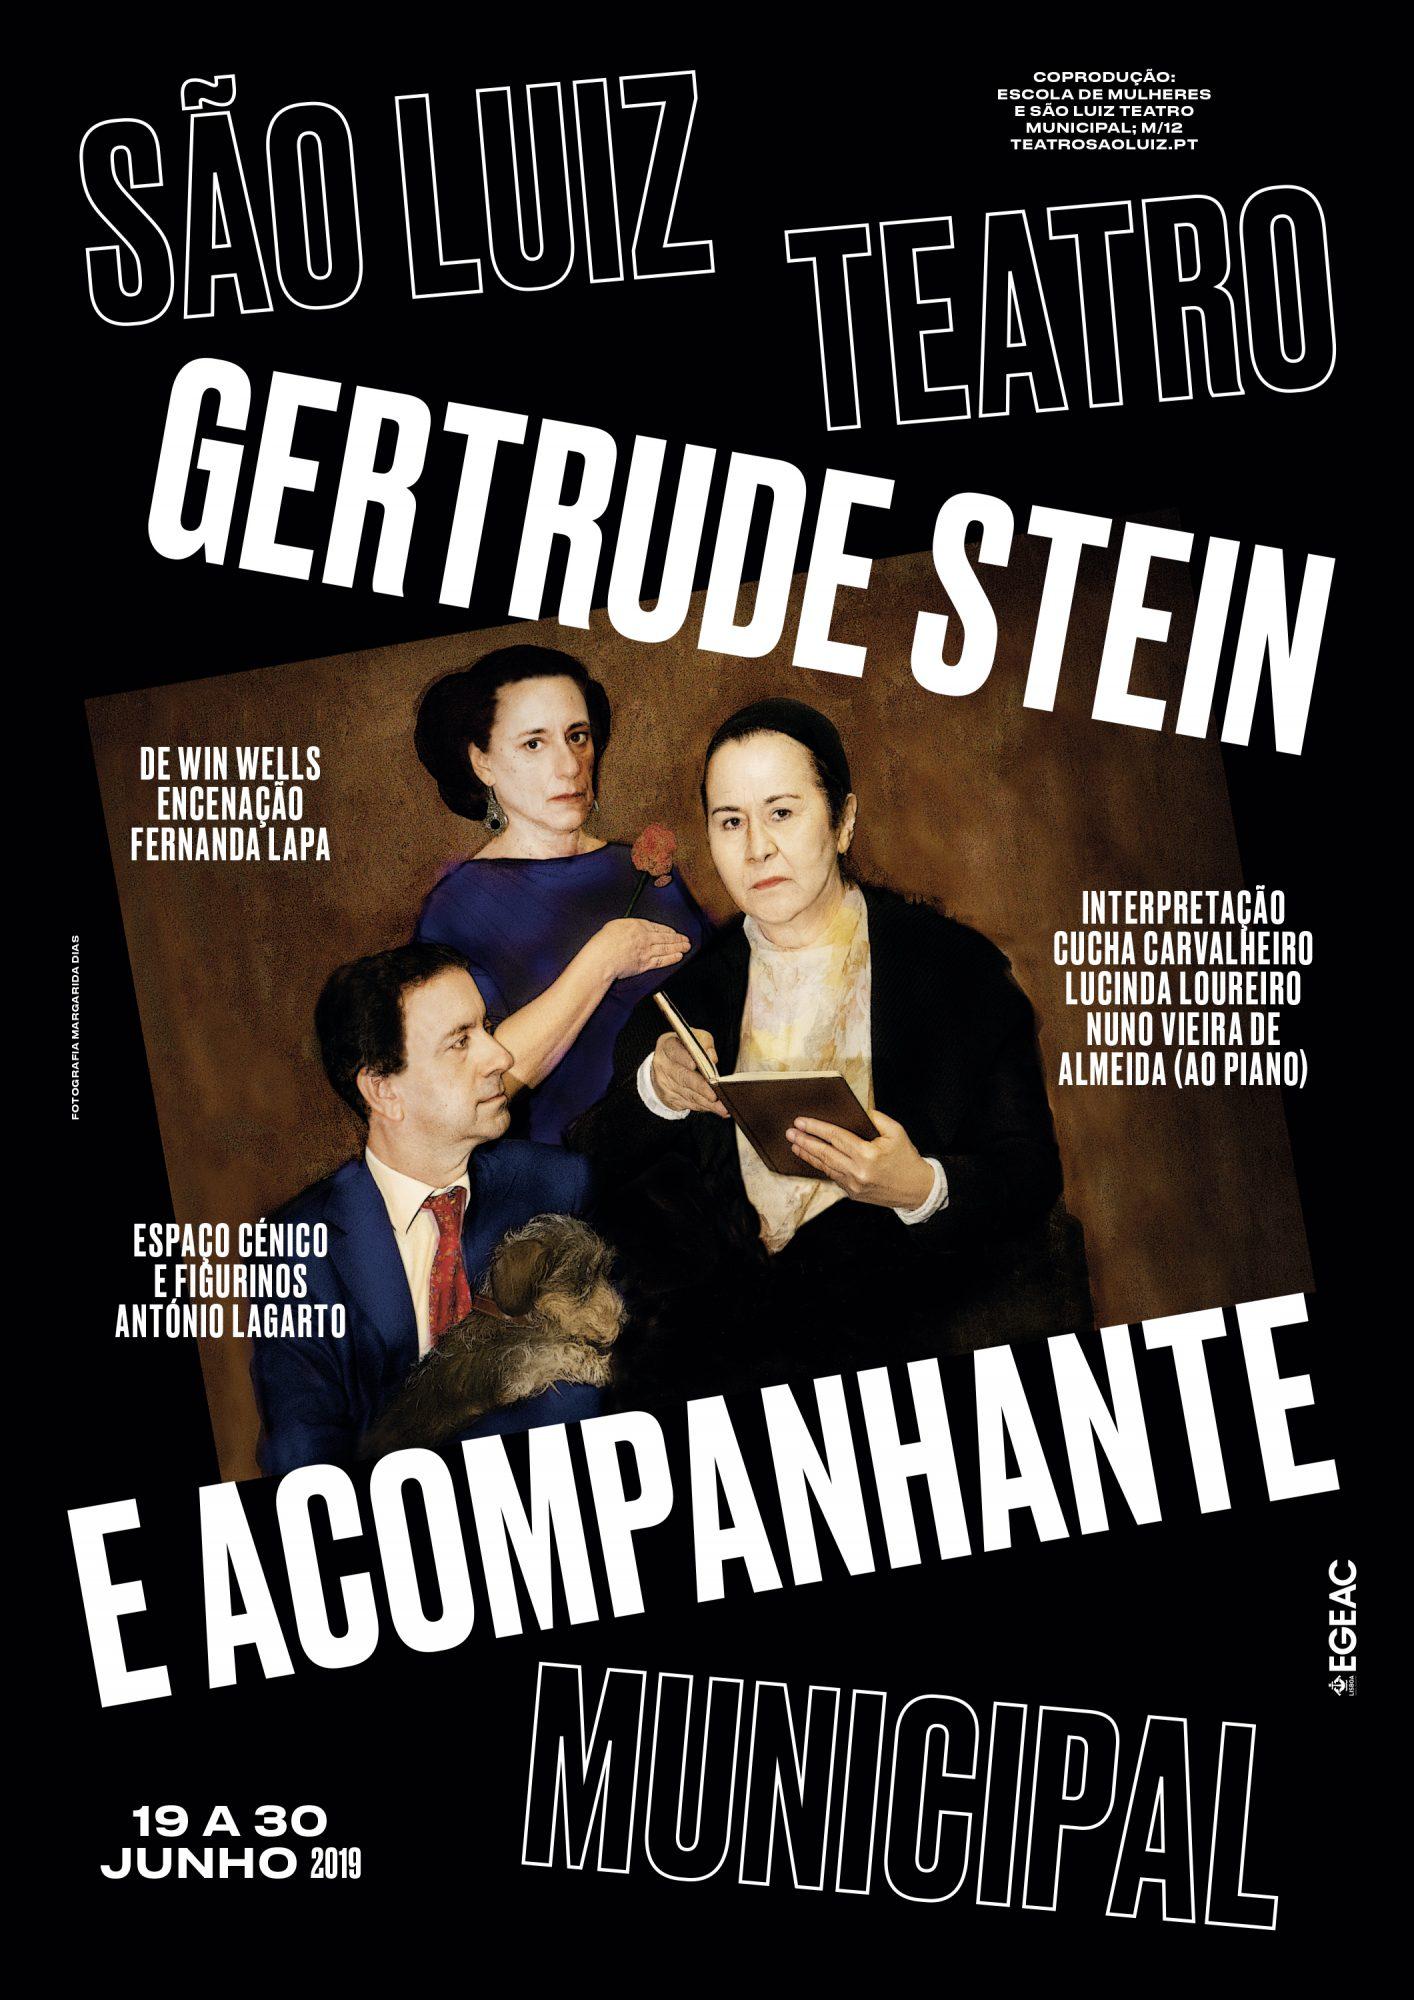 Gertrude Stein e Acompanhante, junho 2019